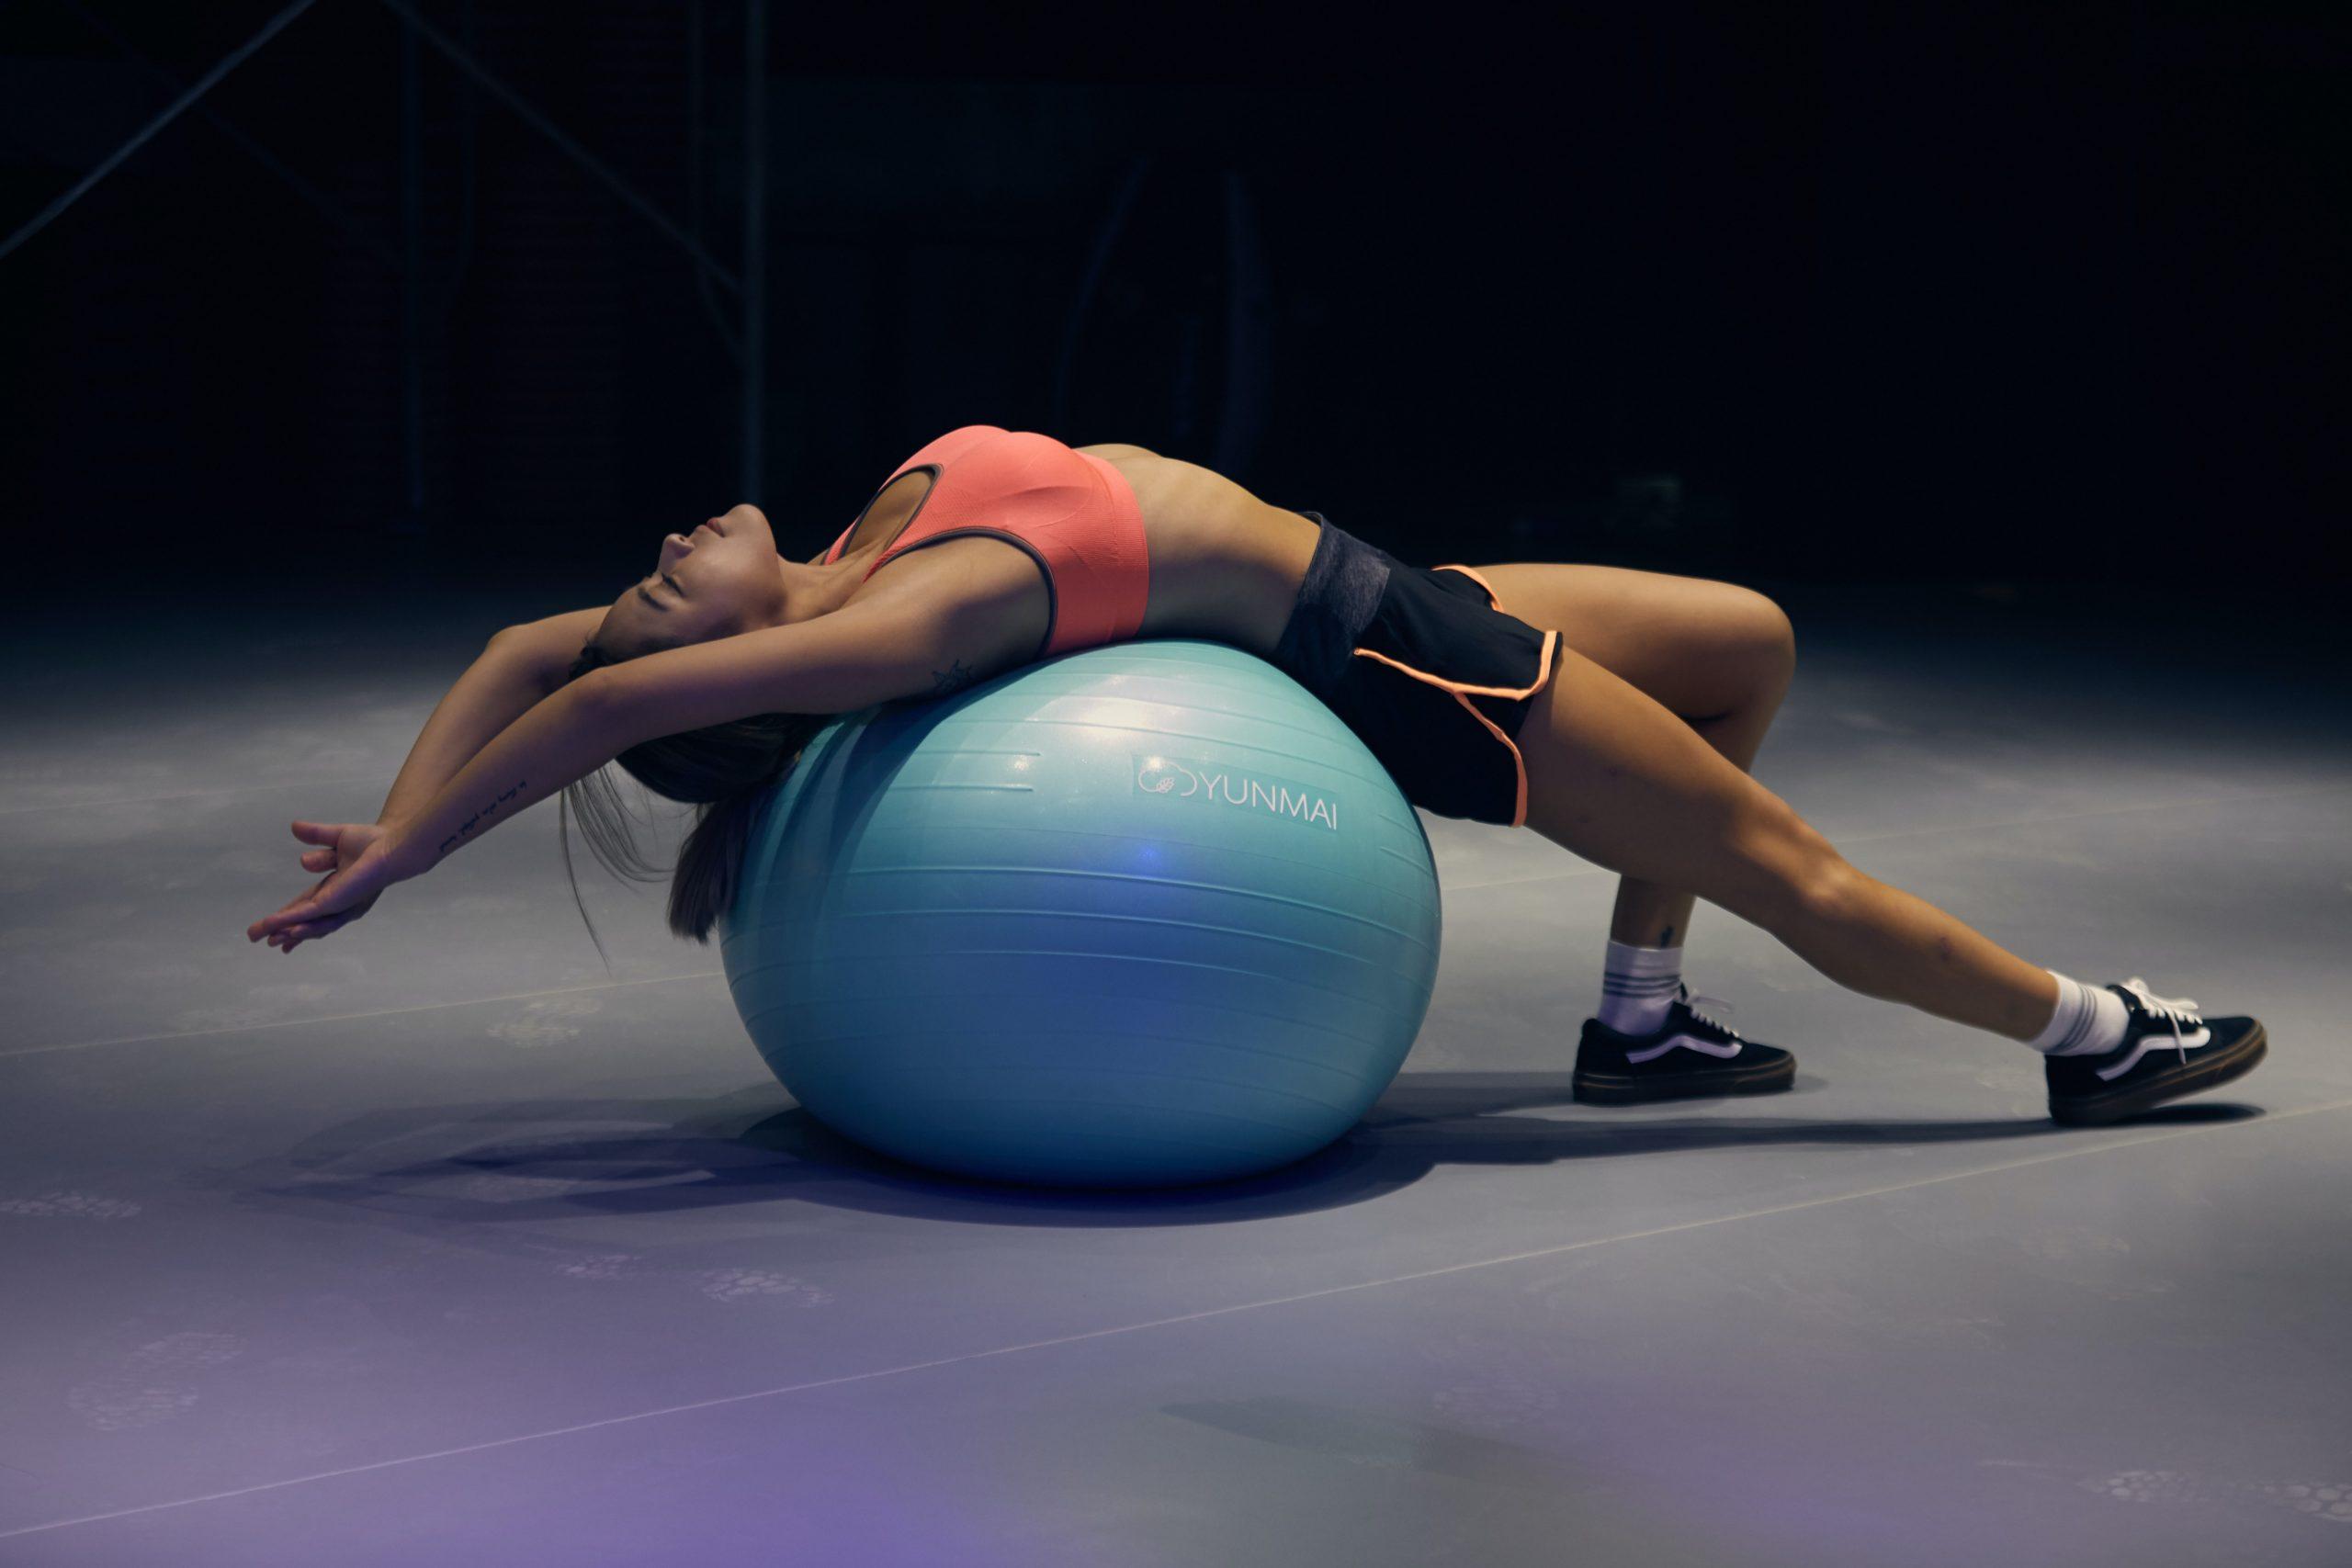 Specialist i fysioterapi og træning